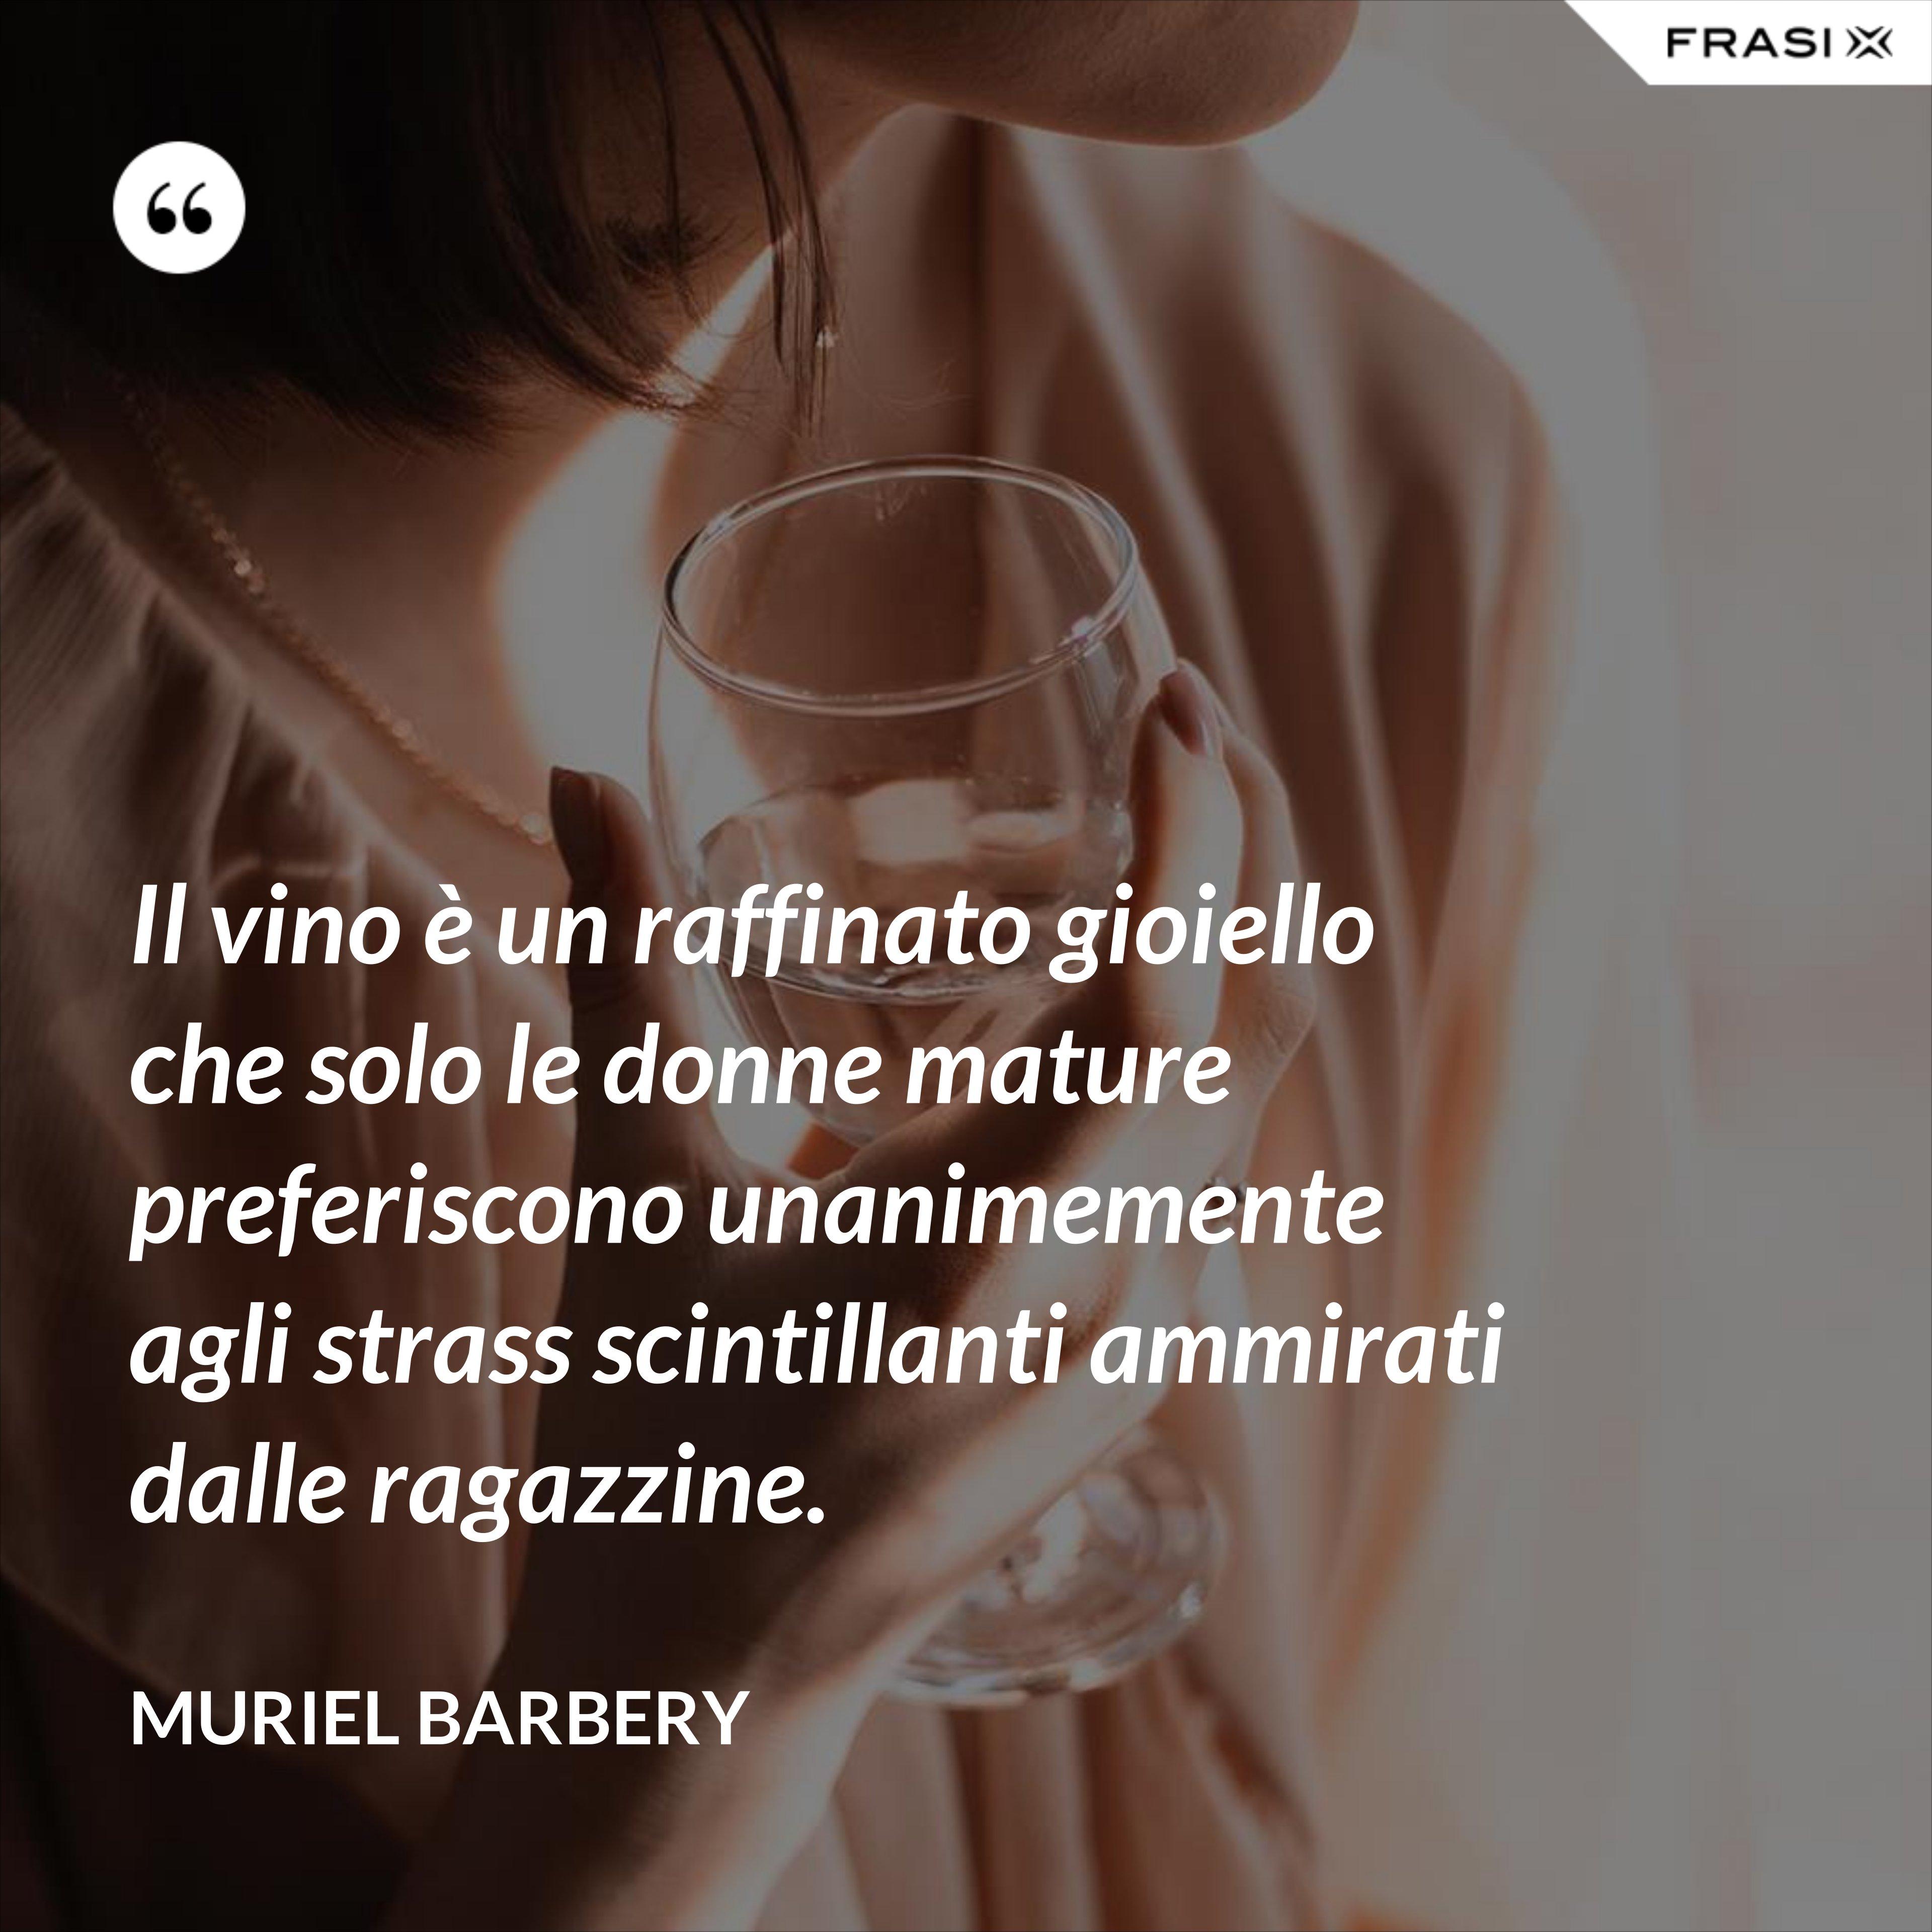 Il vino è un raffinato gioiello che solo le donne mature preferiscono unanimemente agli strass scintillanti ammirati dalle ragazzine. - Muriel Barbery